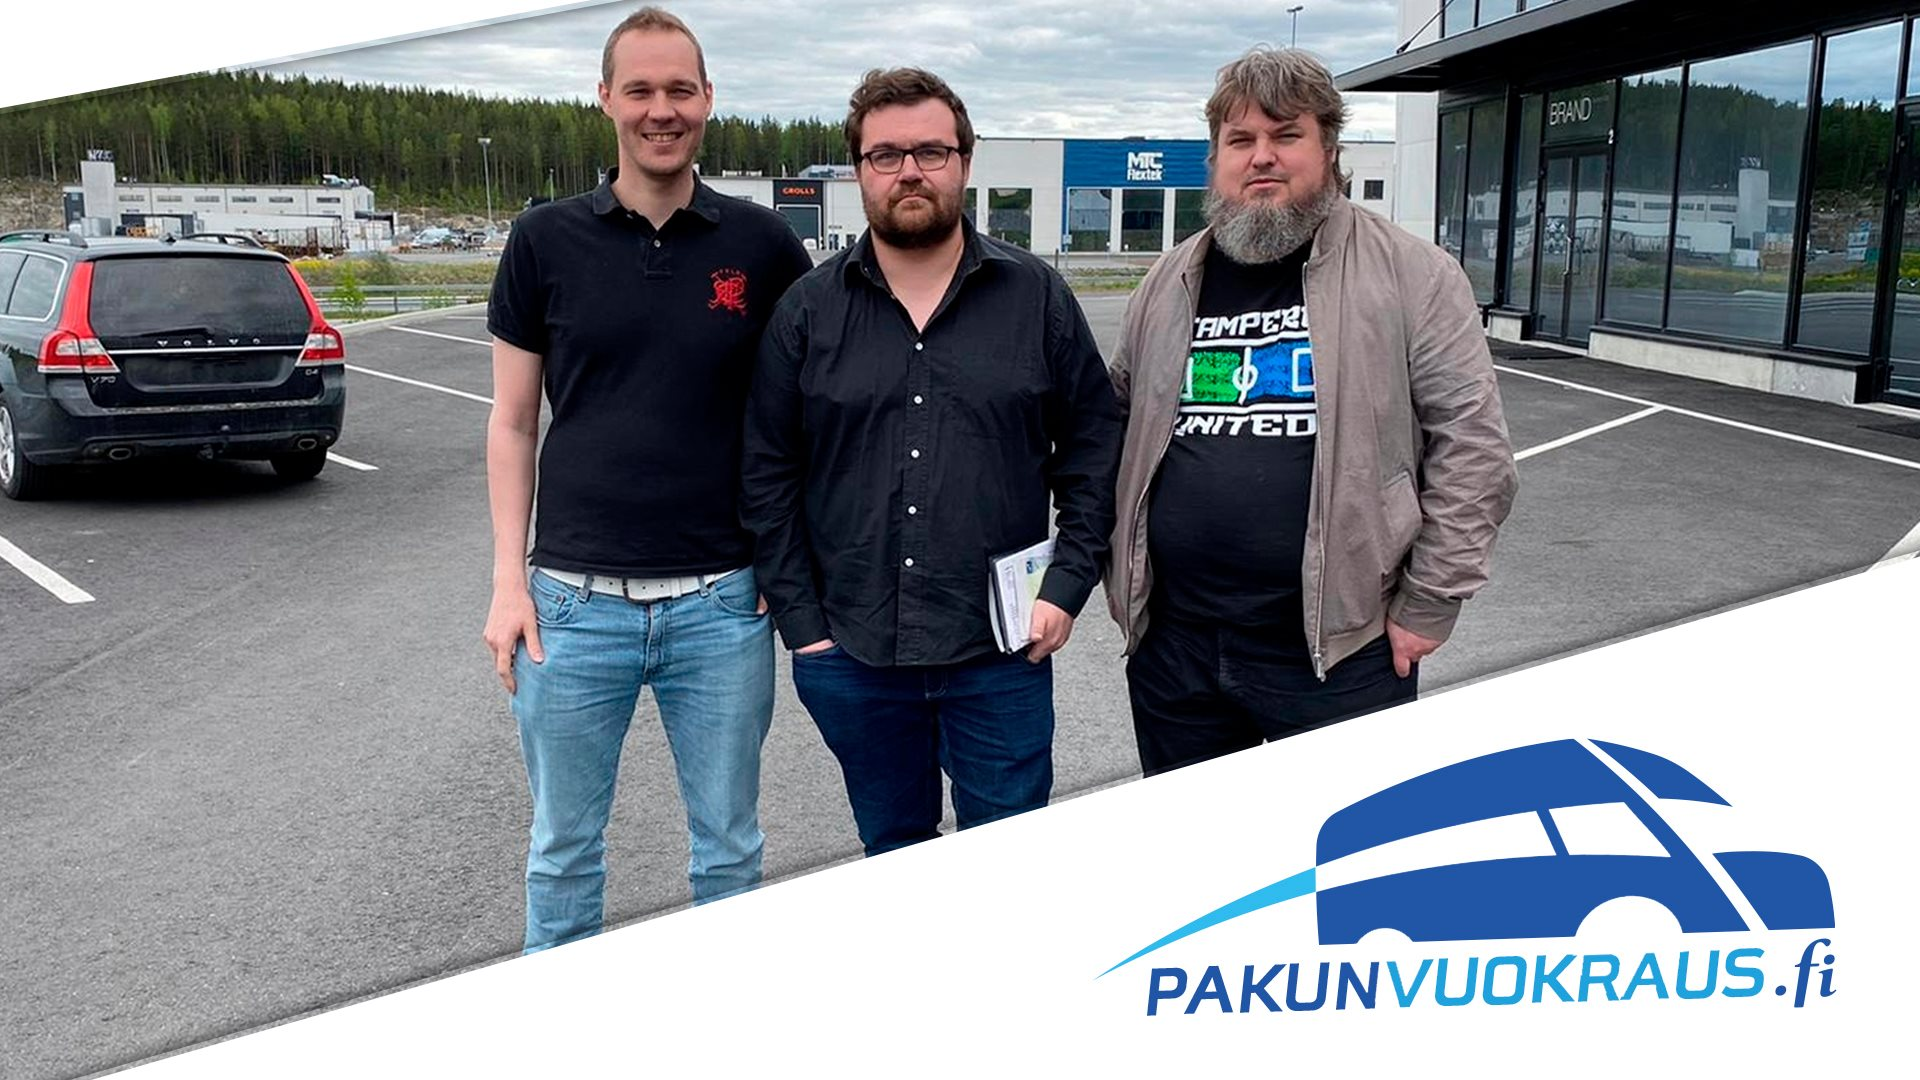 Pakettiautojen vuokraukseen liittyvä liiketoiminta Tampere Unitedin haltuun -uutiskuva